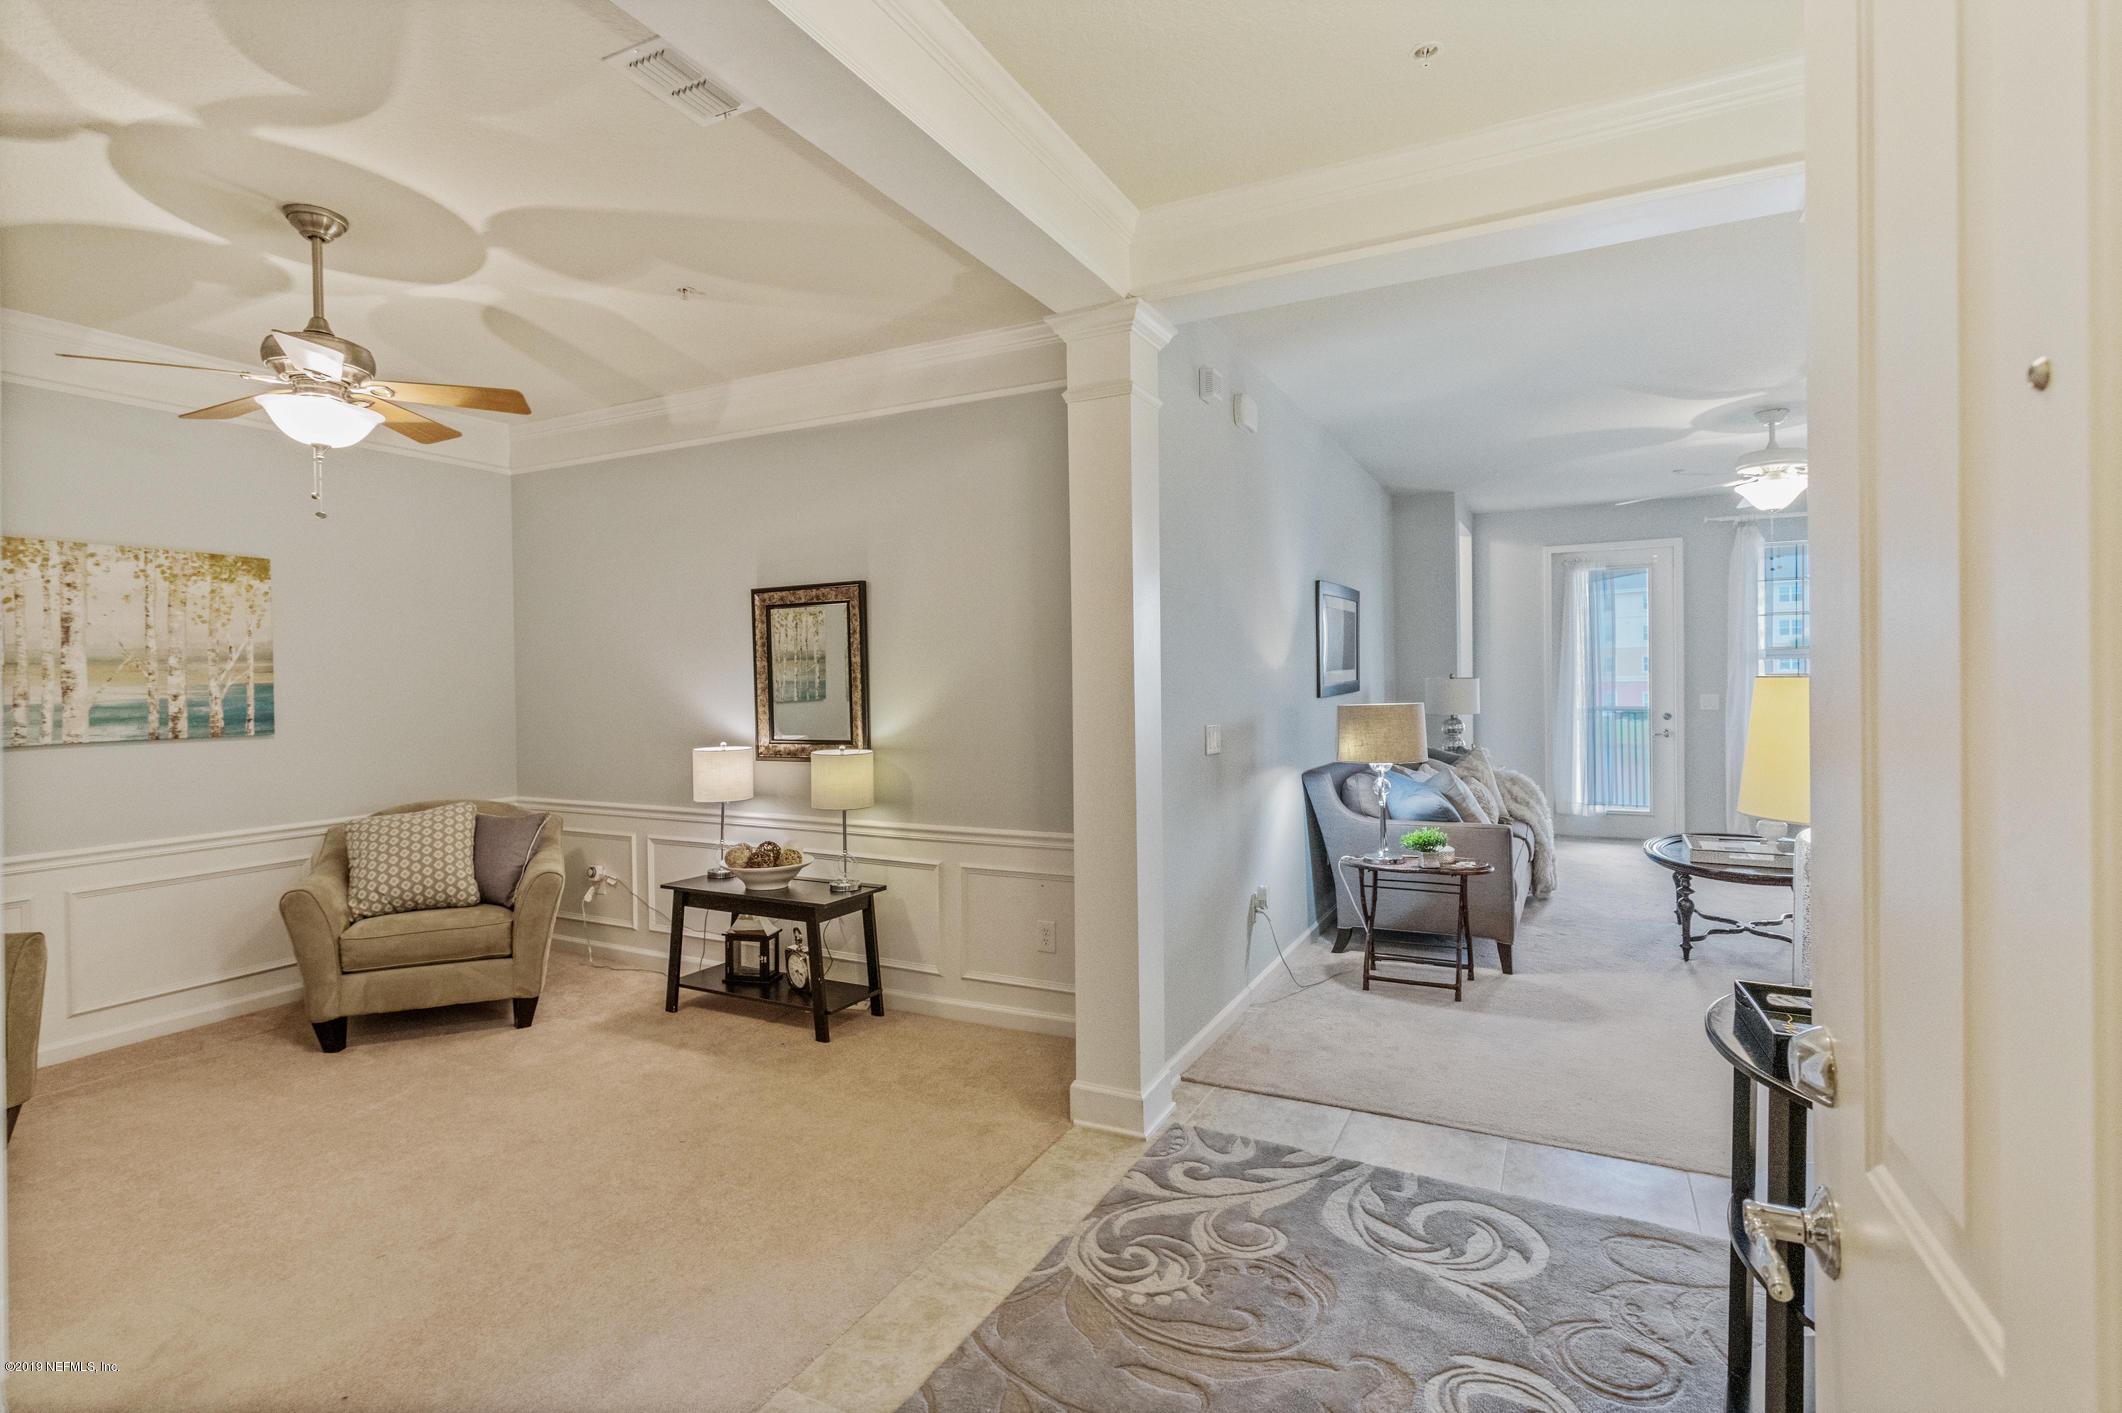 9831 DEL WEBB- JACKSONVILLE- FLORIDA 32256, 3 Bedrooms Bedrooms, ,2 BathroomsBathrooms,Condo,For sale,DEL WEBB,989807